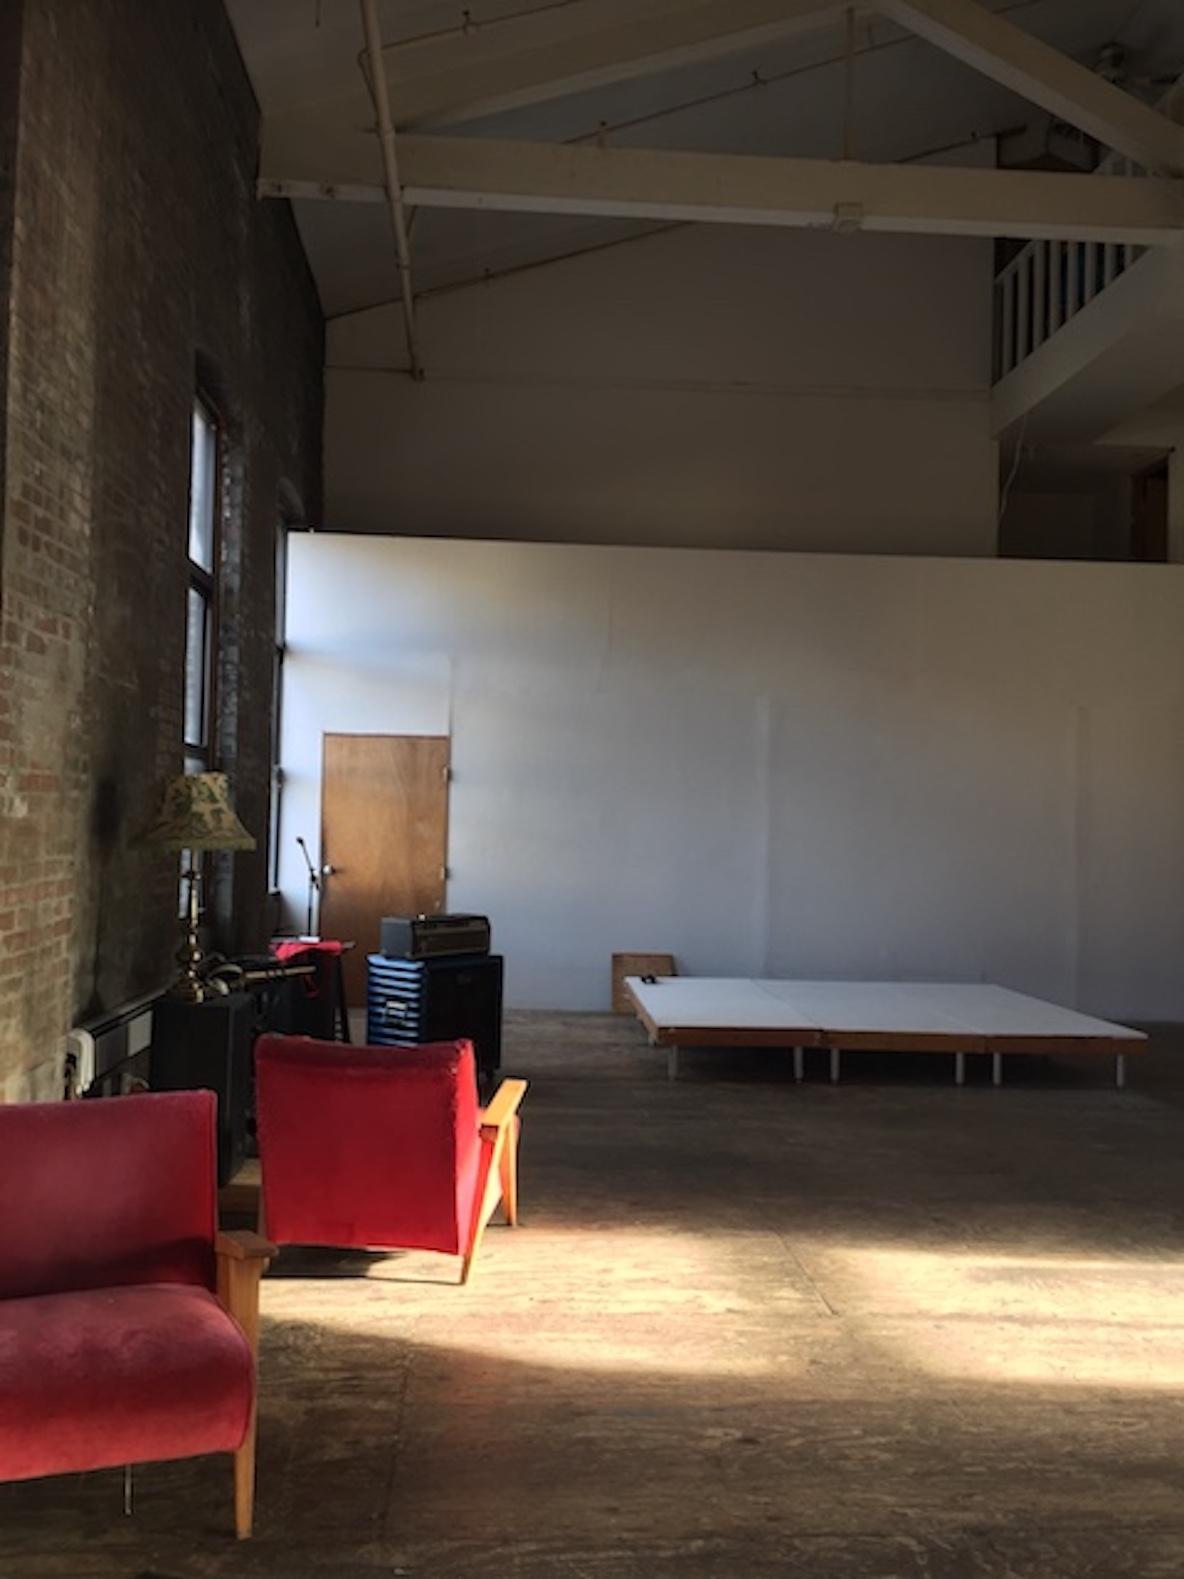 11人のアーティストが暮らす、ニューヨーク・ブルックリンのアートの広いリビング